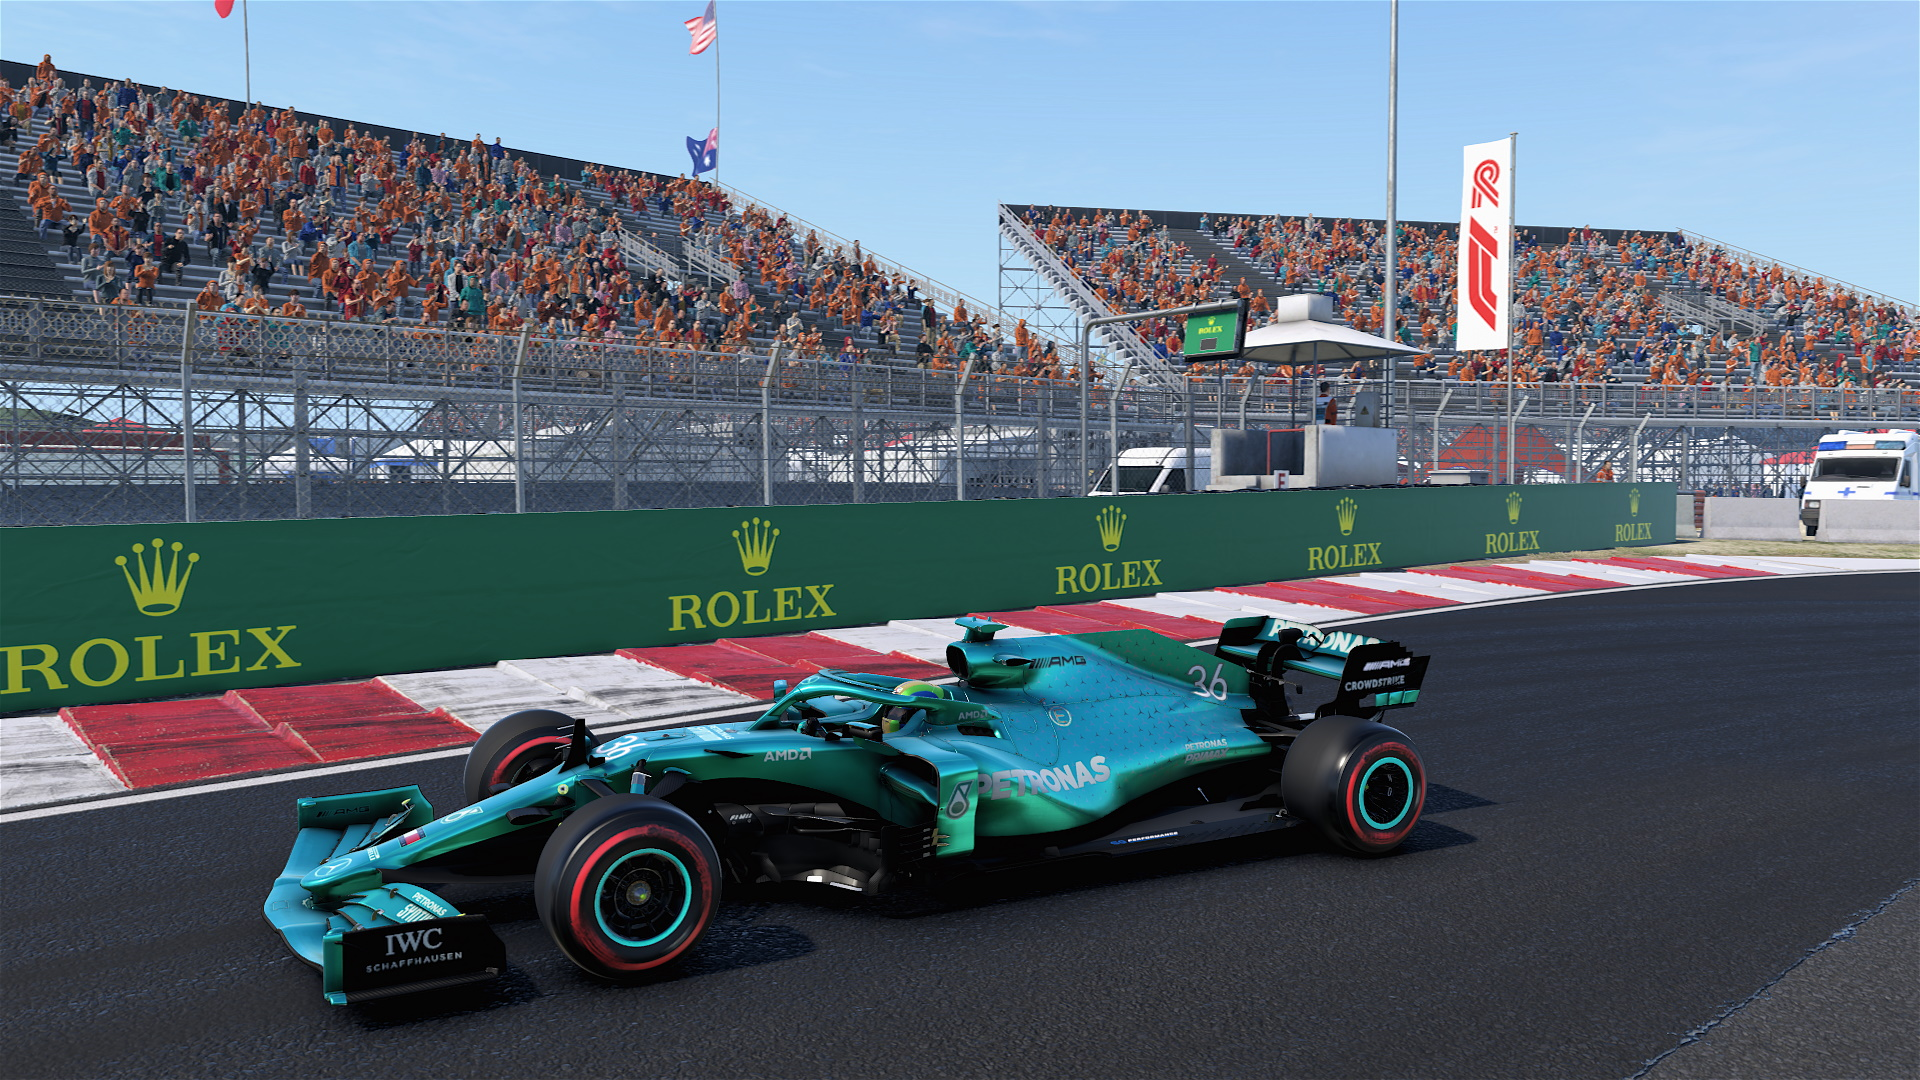 F1 2020 - DX12 Screenshot 2020.12.15 - 19.44.54.26.jpg